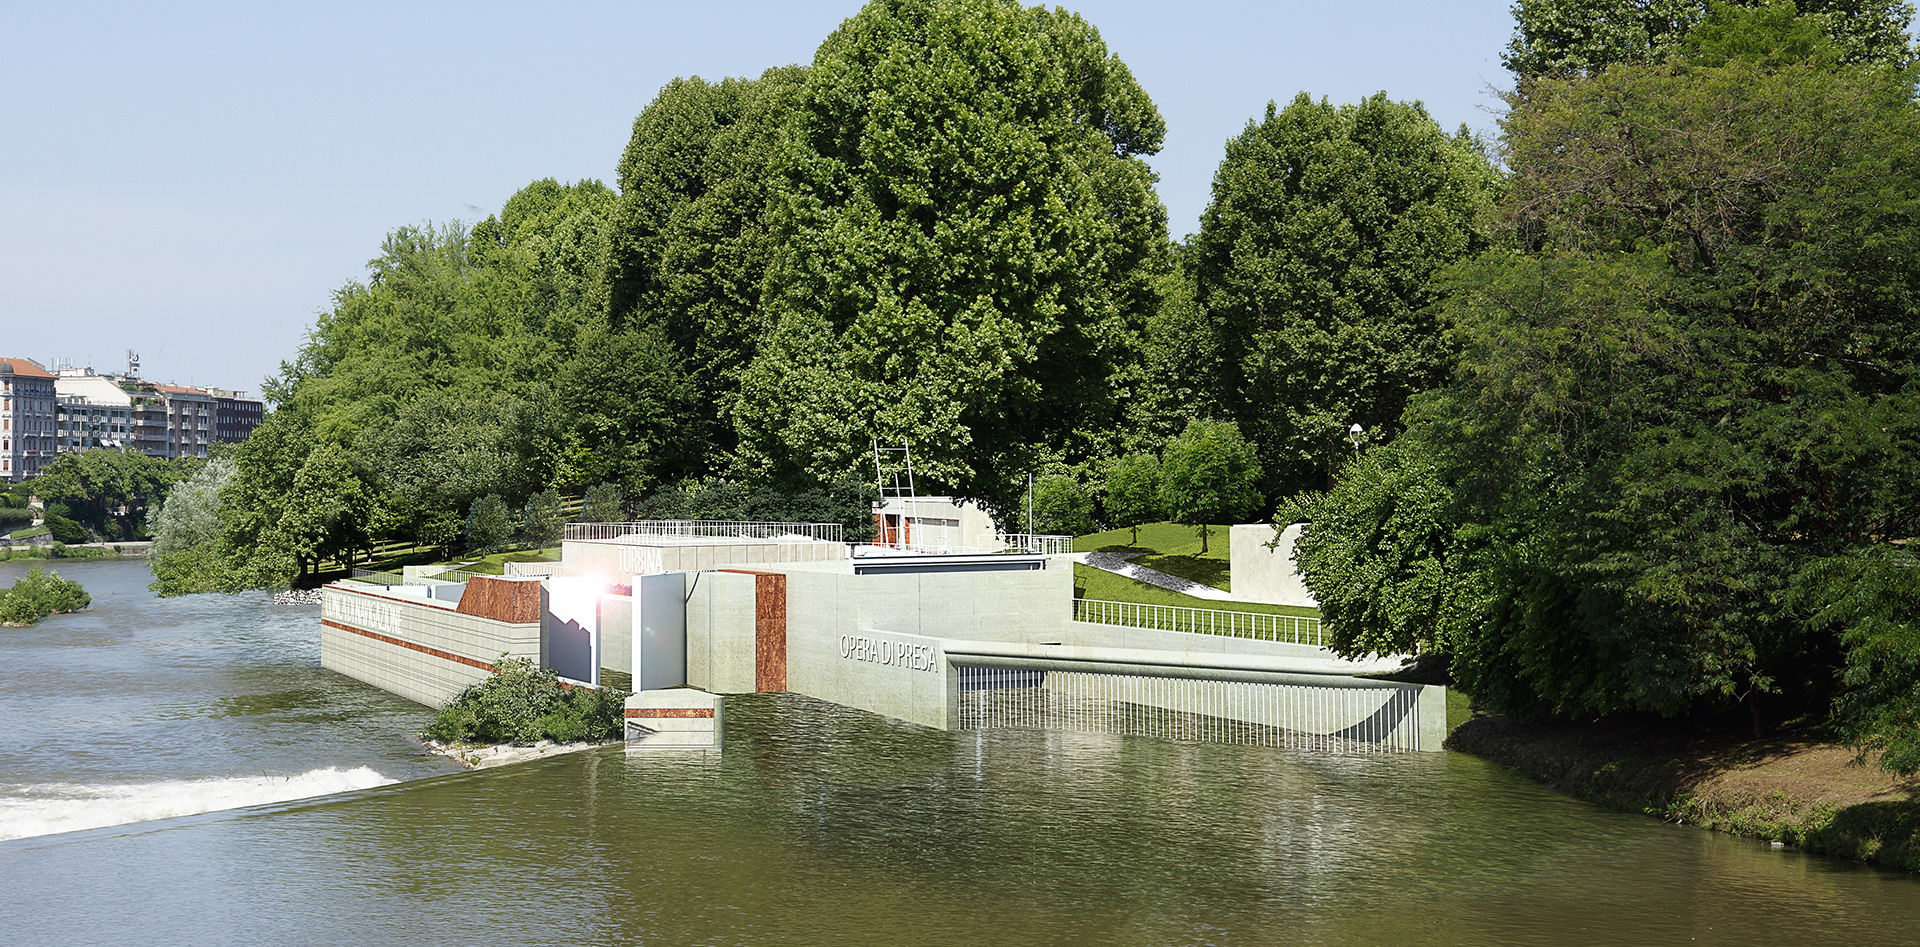 Centrale idroelettrica e conca di navigazione a Torino, Binini Partners, Società di architettura e ingegneria